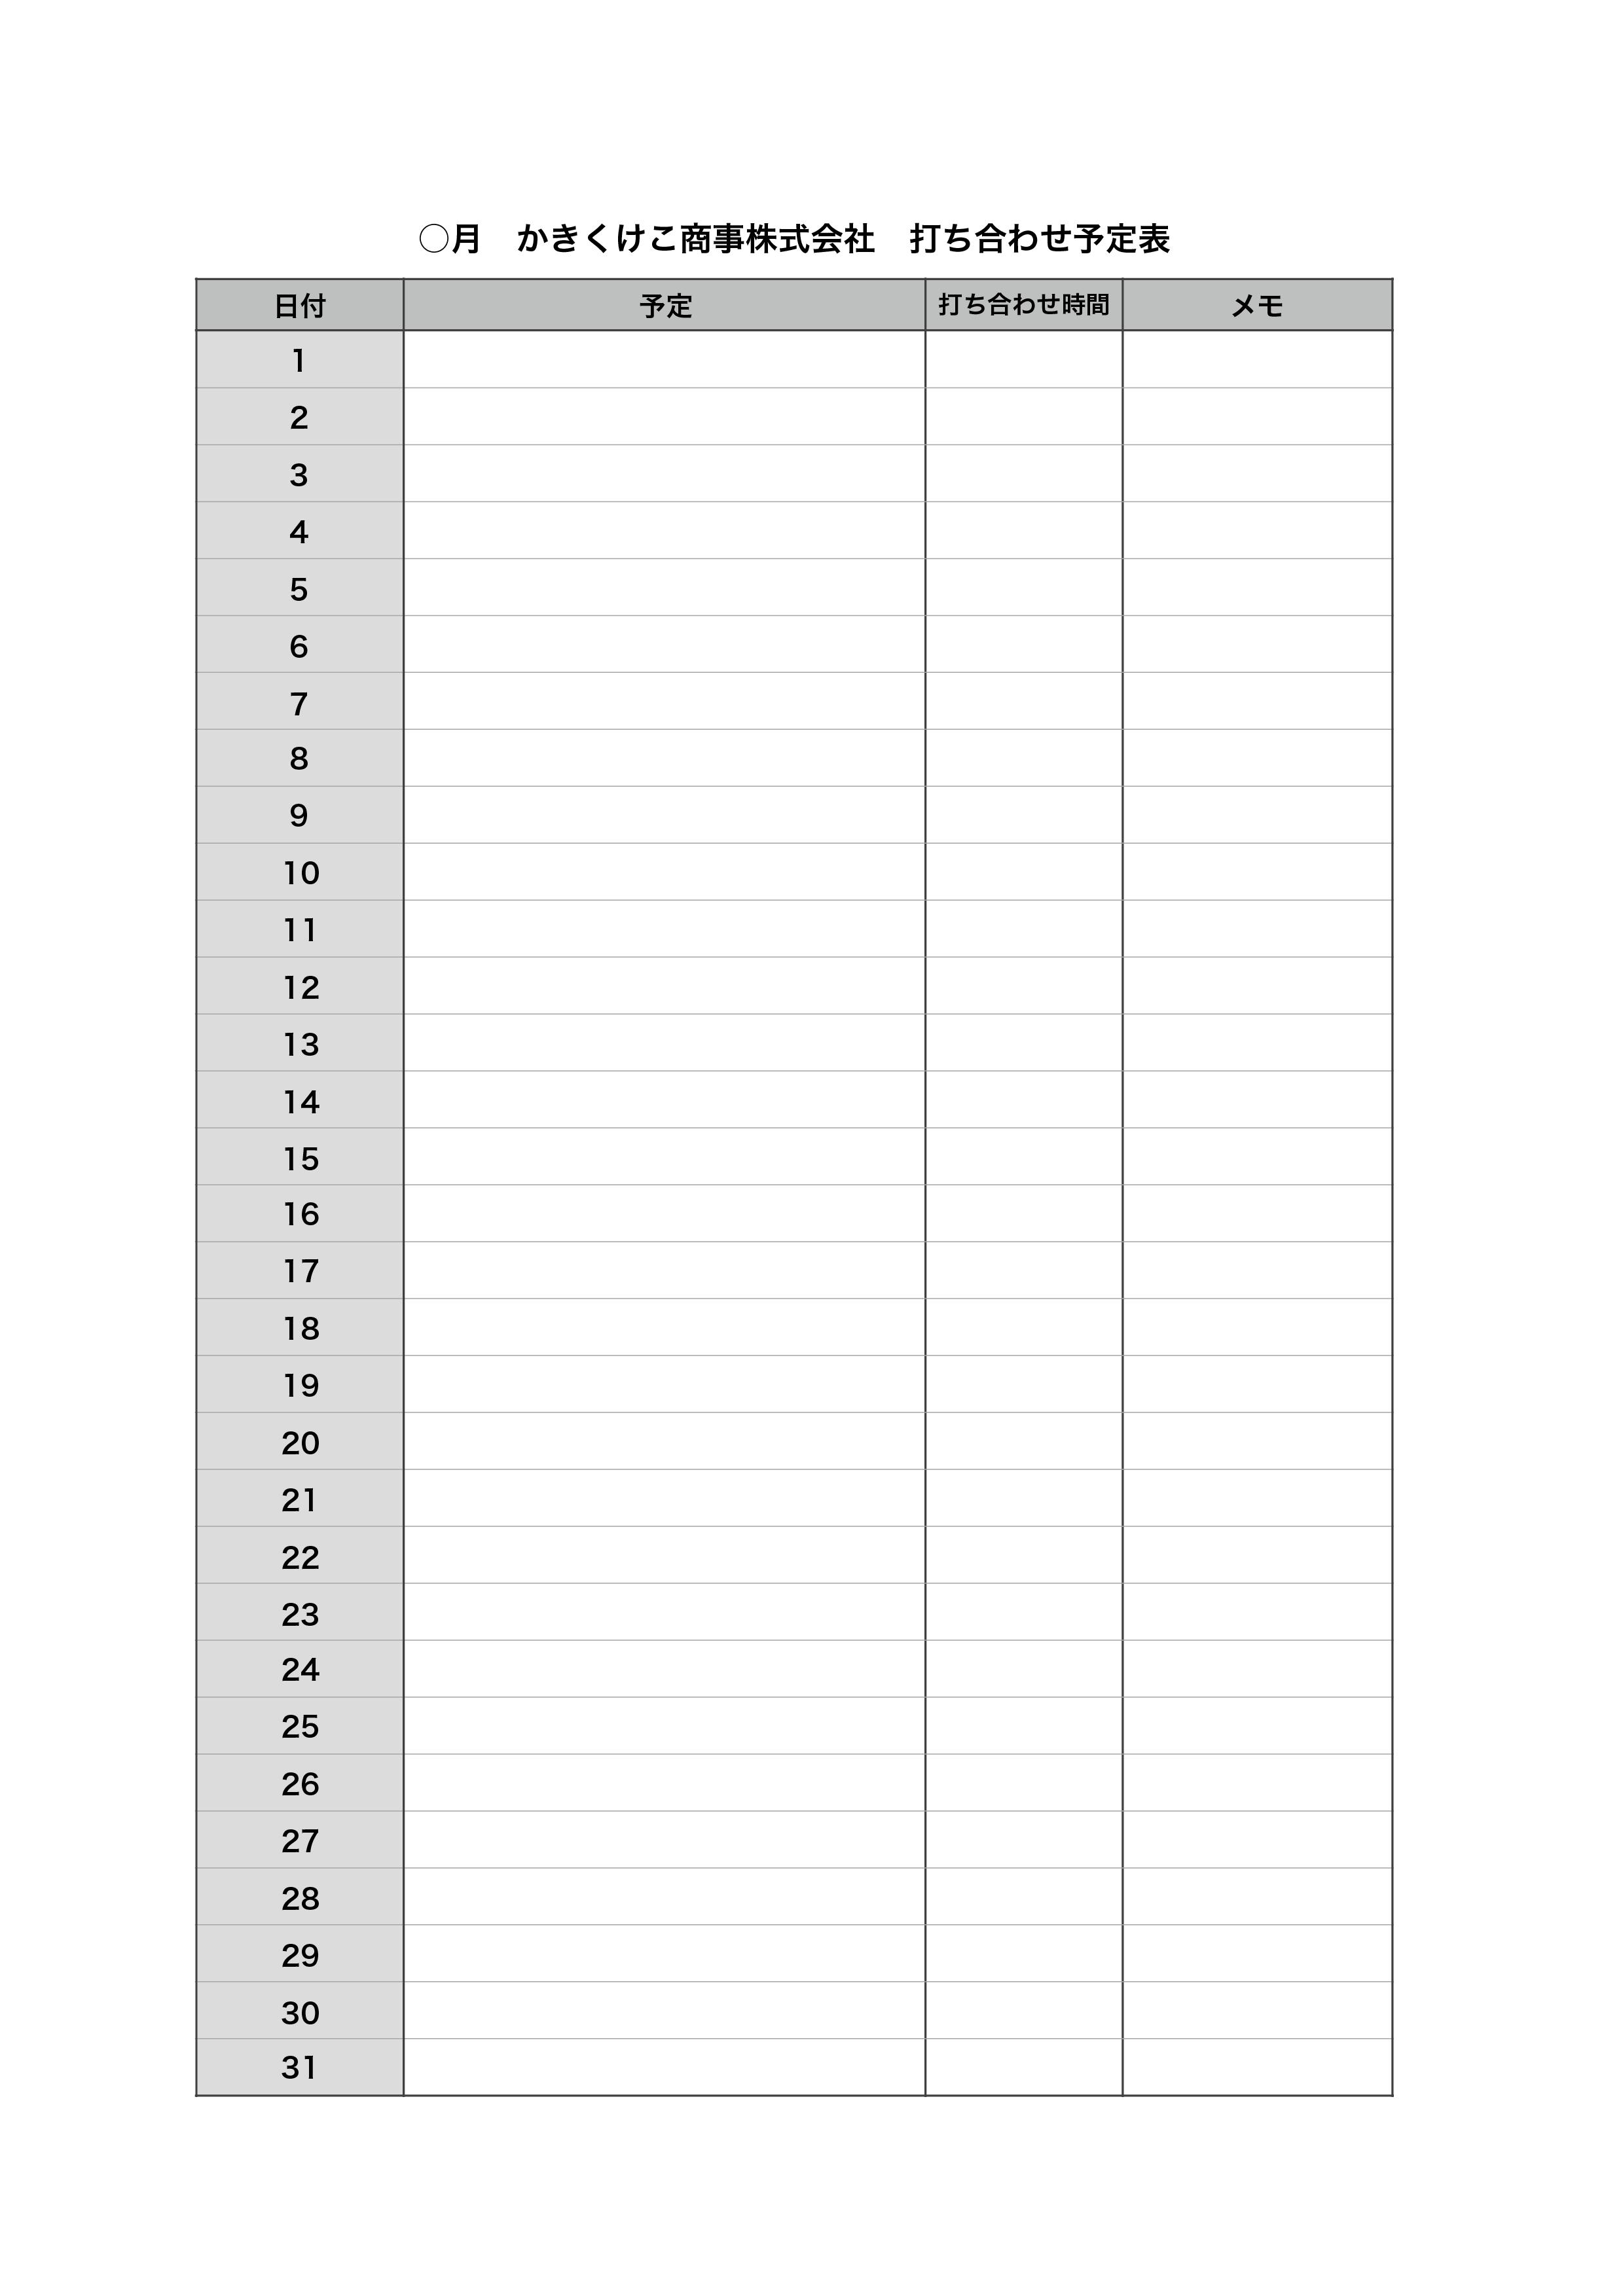 打ち合わせの予定表のテンプレート・1ヶ月分(ワード、ページズ)